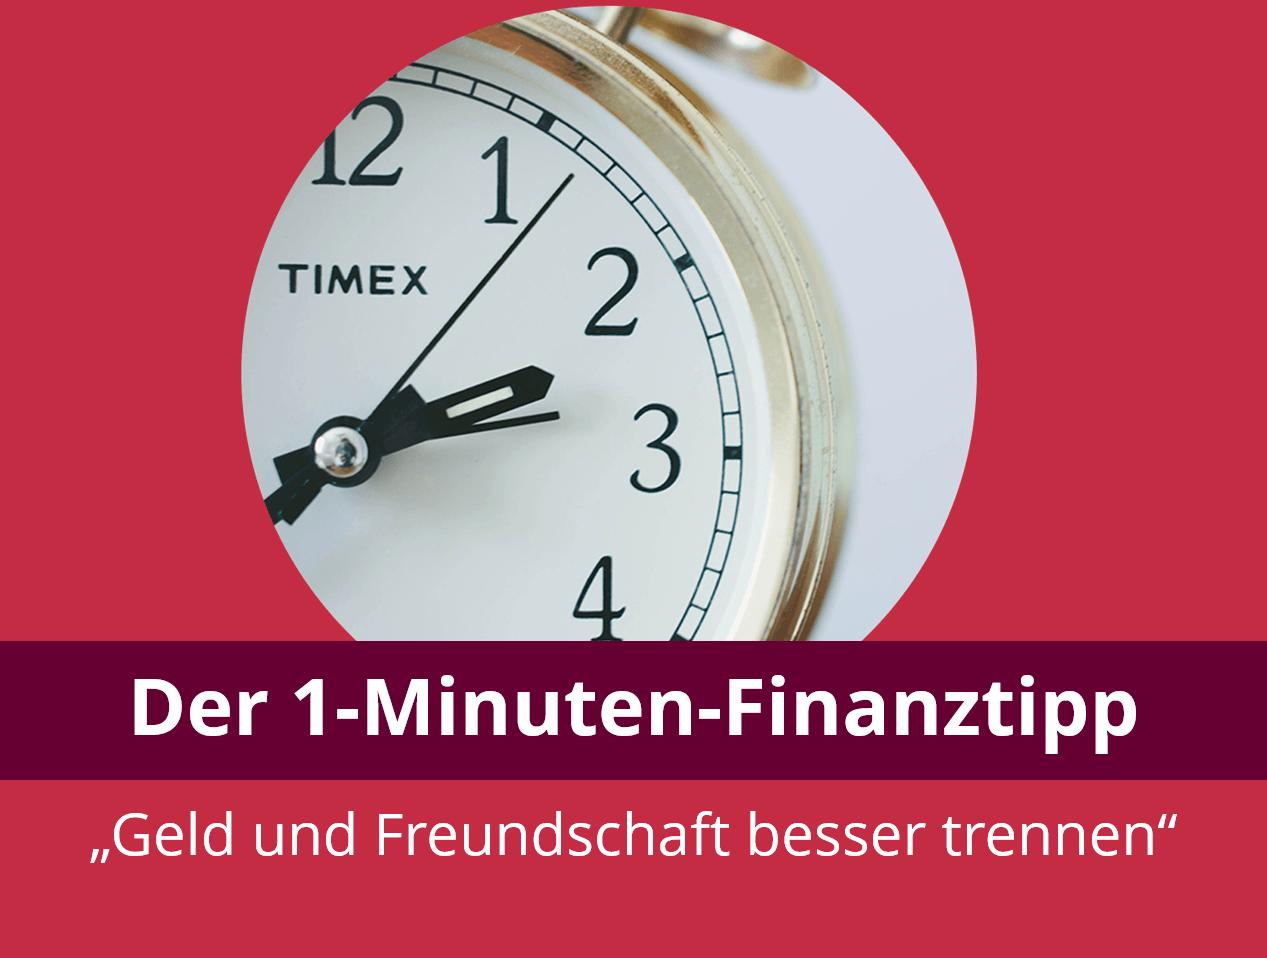 1-Minuten-Finanztipp: Trenne Geld und Freundschaft!